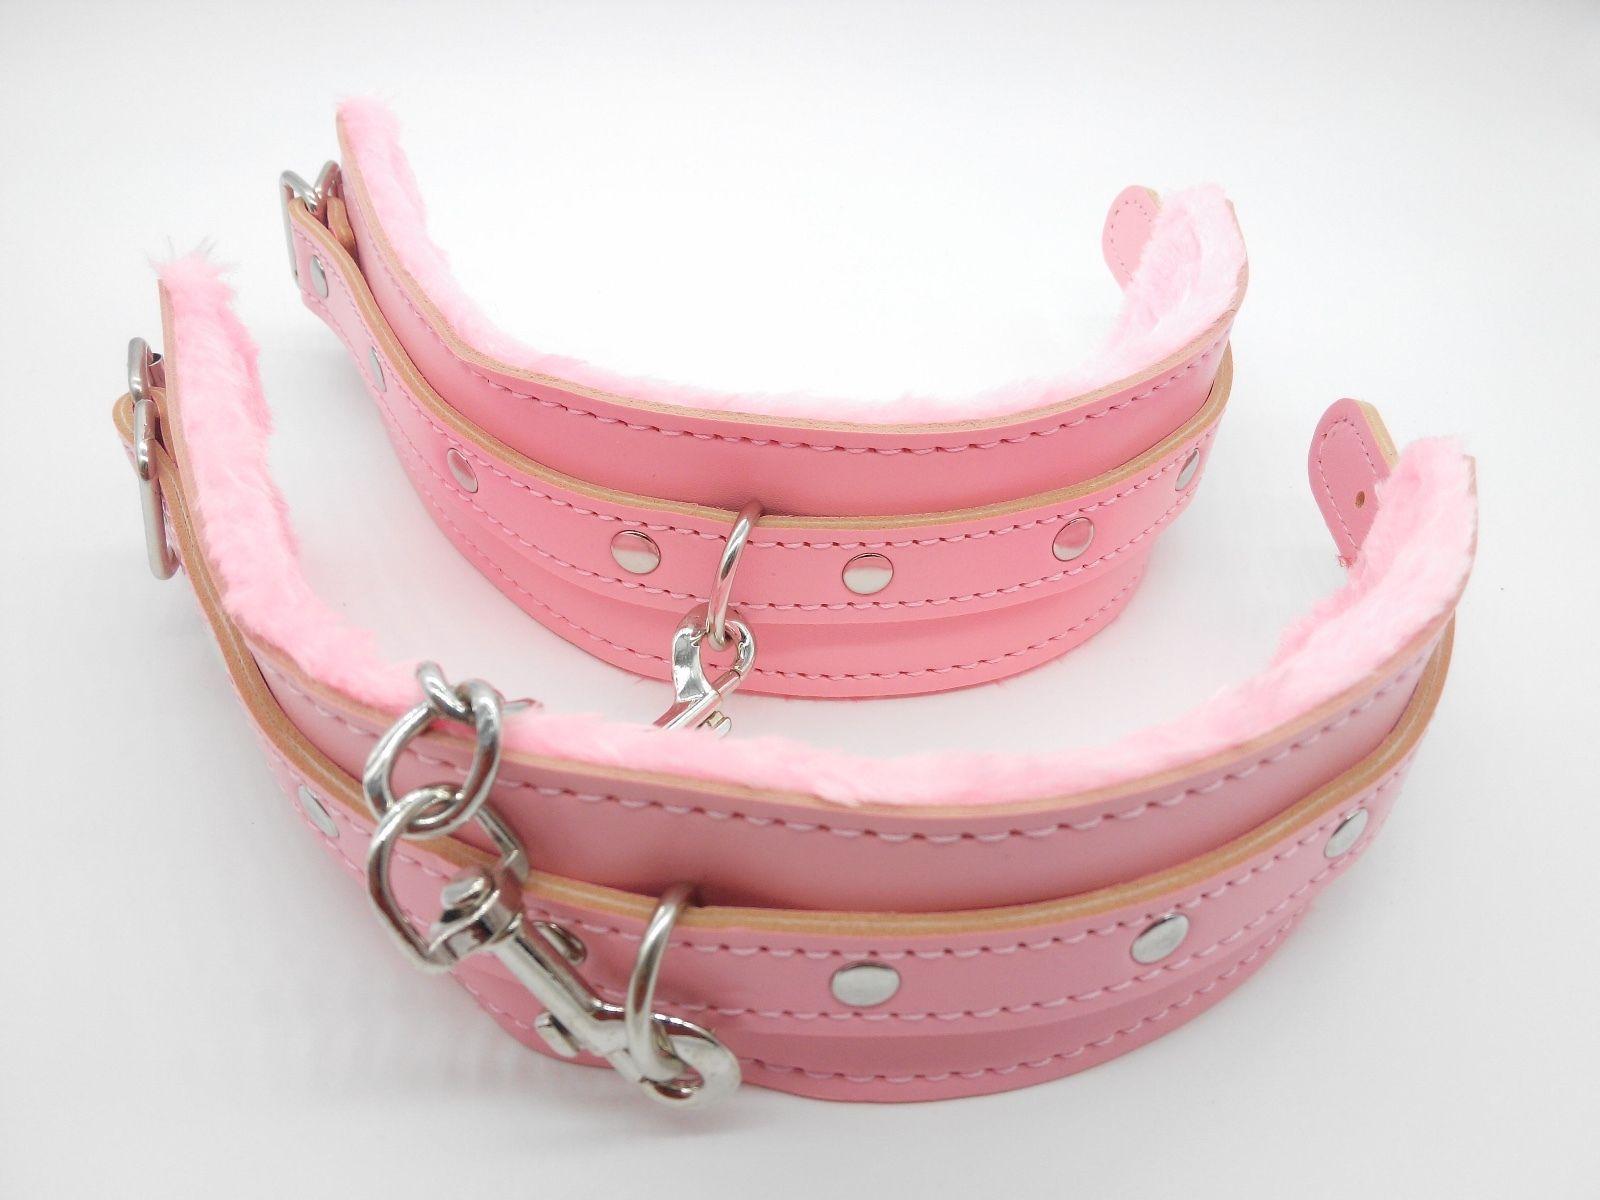 Máscara corda bondage fetiche collar sexo restrição gag punhos 8 pc # r98 bola bola rosa tiqnx